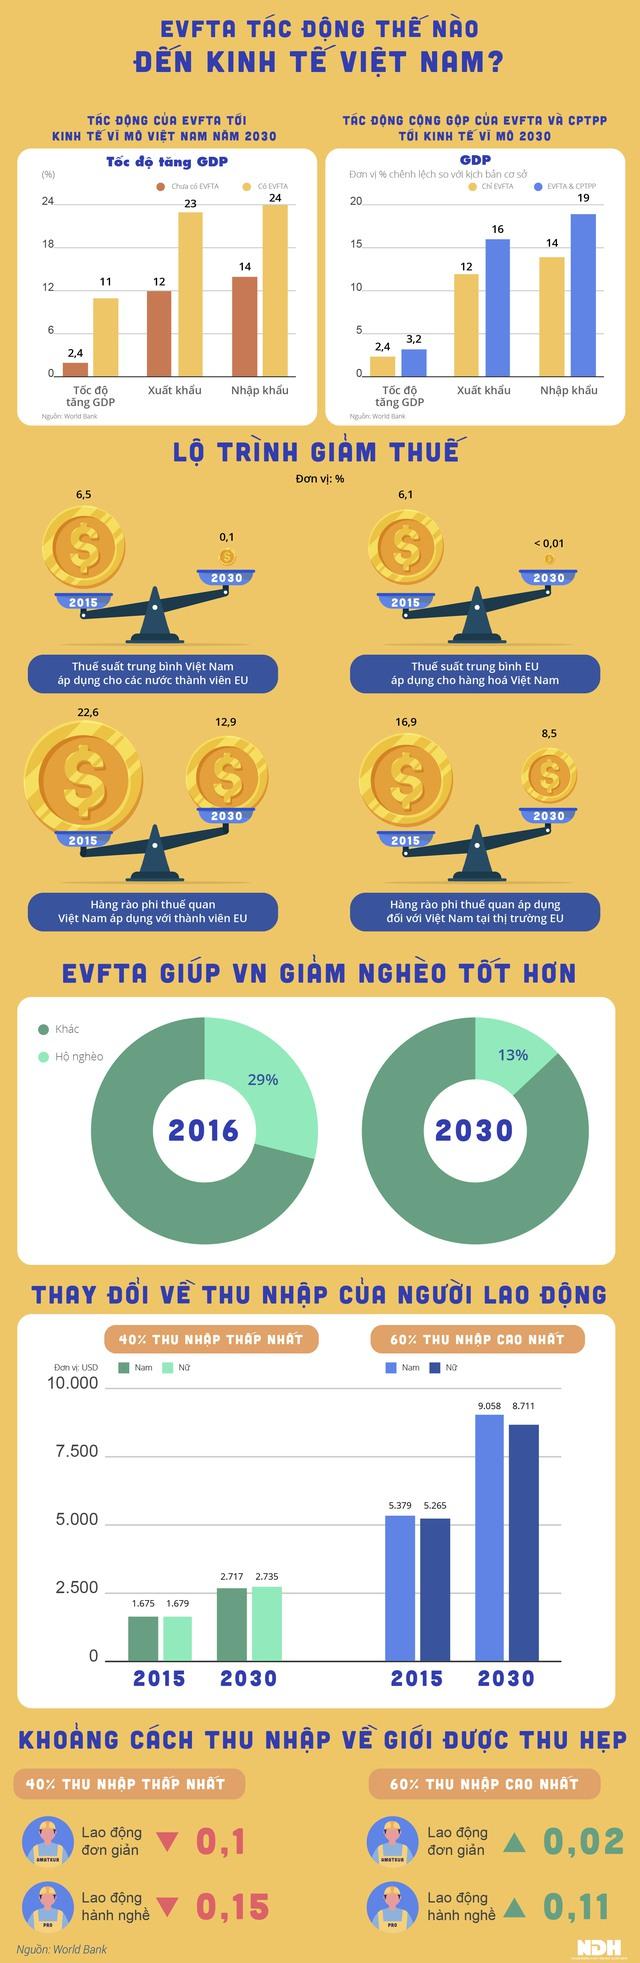 EVFTA: Hành trình gần 16 năm từ ý tưởng đến hiện thực - Ảnh 4.